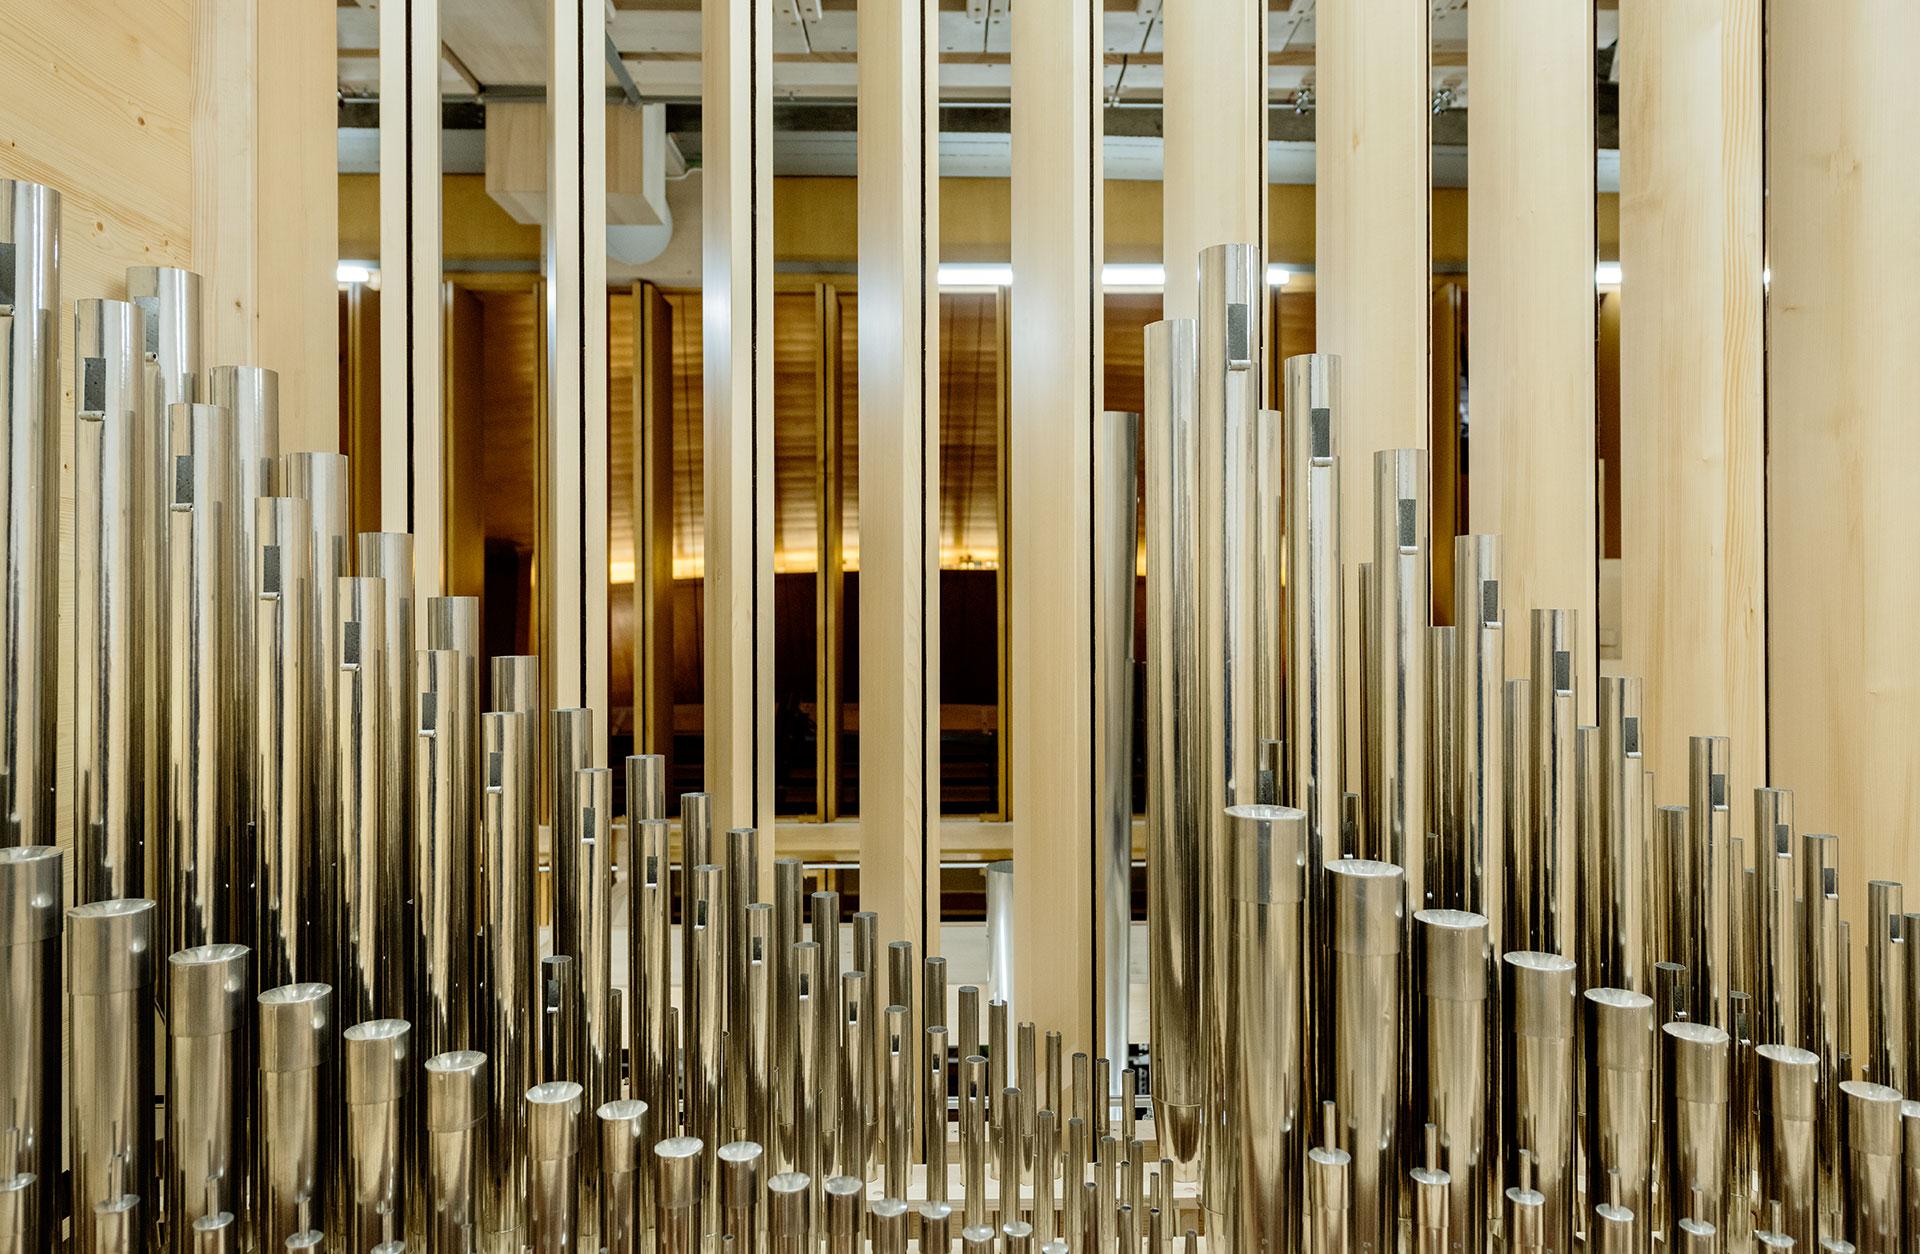 Orgelpipor från insidan av orgeln, publikplatserna anas genom lamellerna bakom piporna.